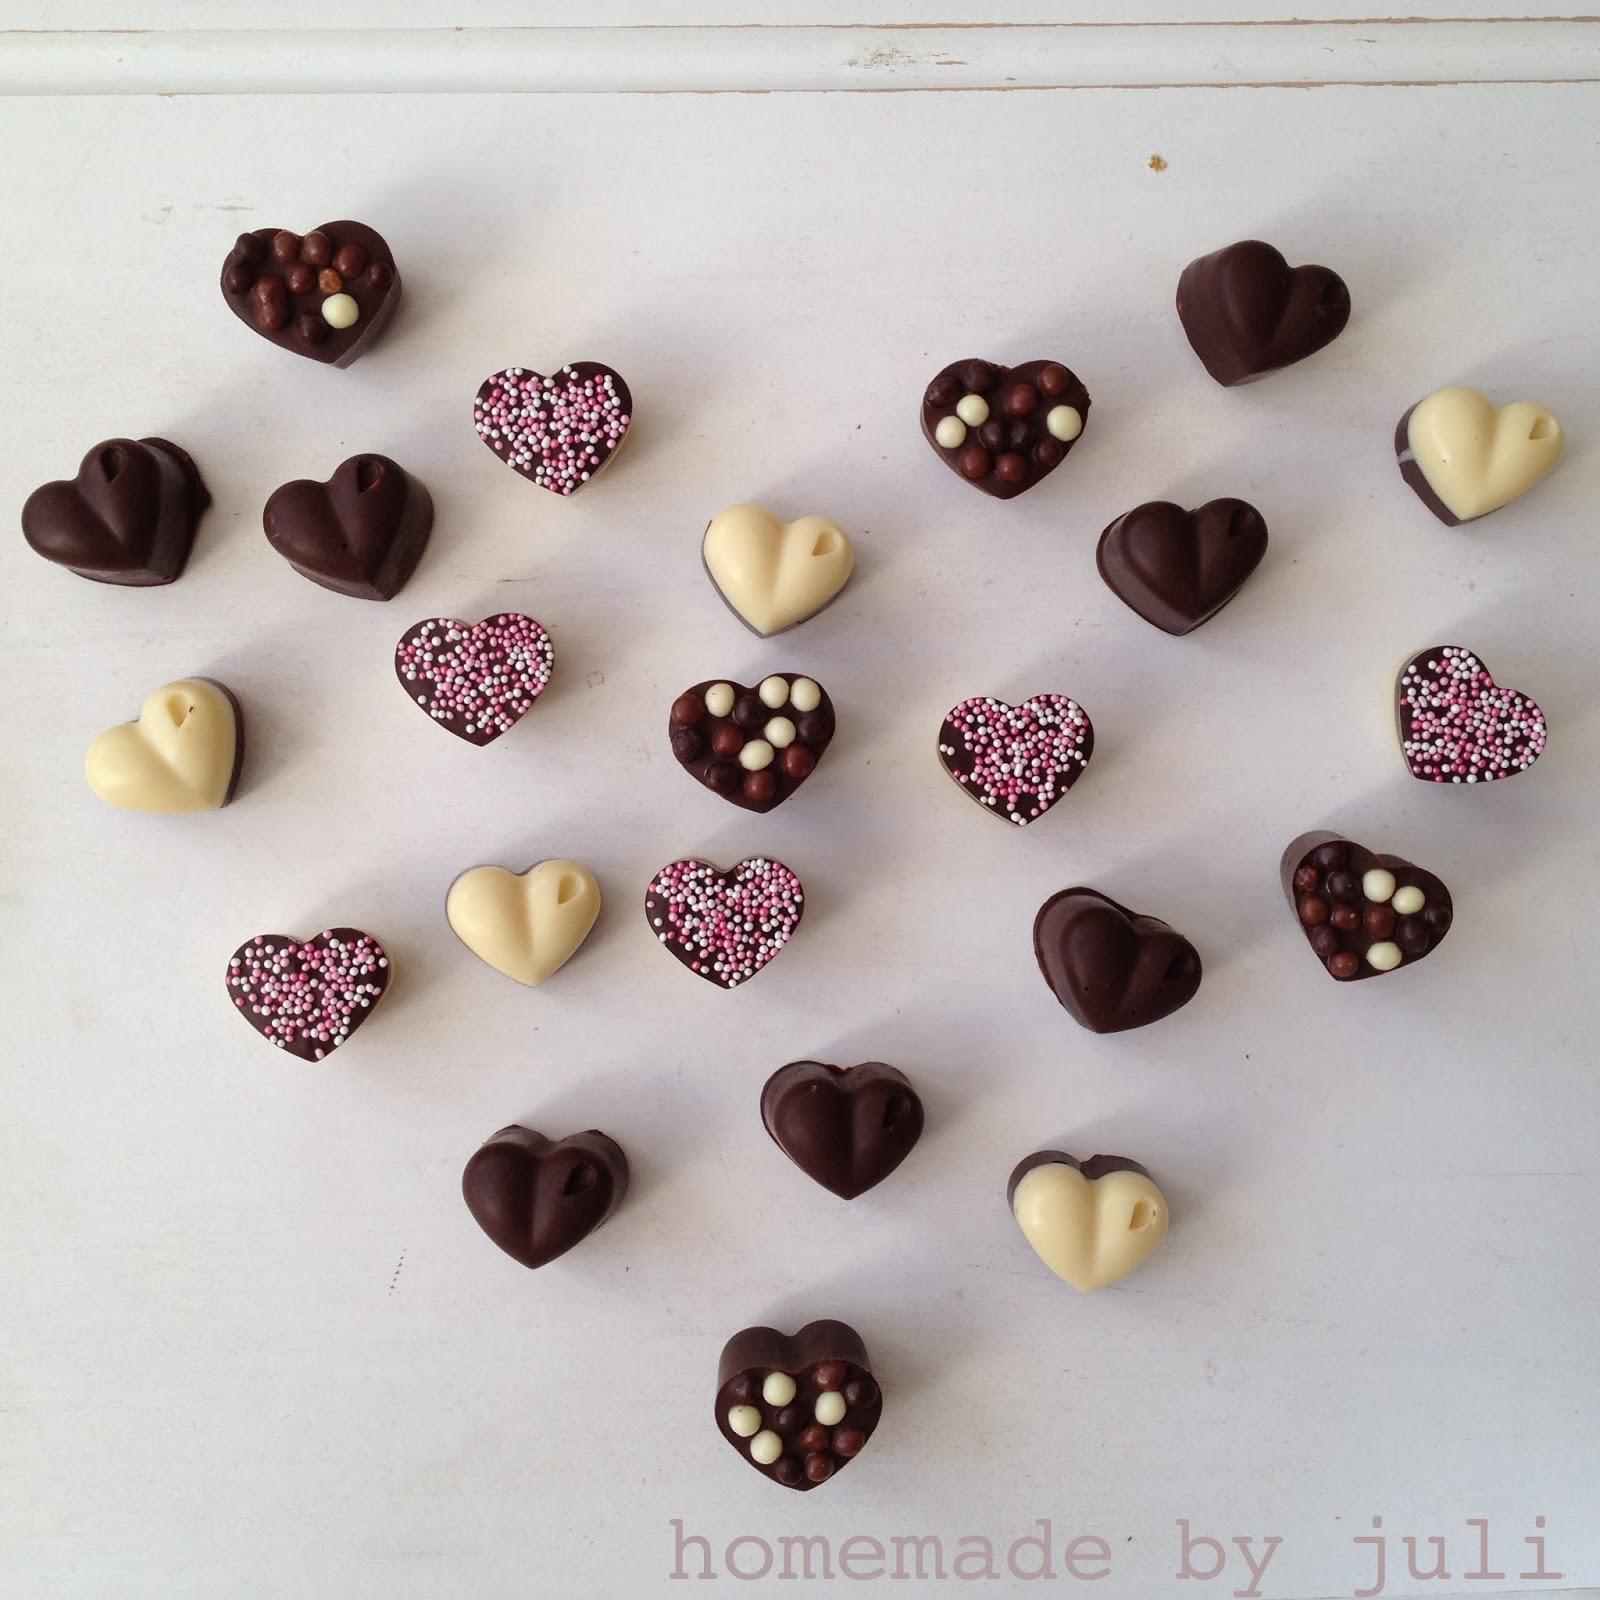 Ich Wünsche Euch Einen Schönen Valentinstag Und Ein Tolles Wochenende